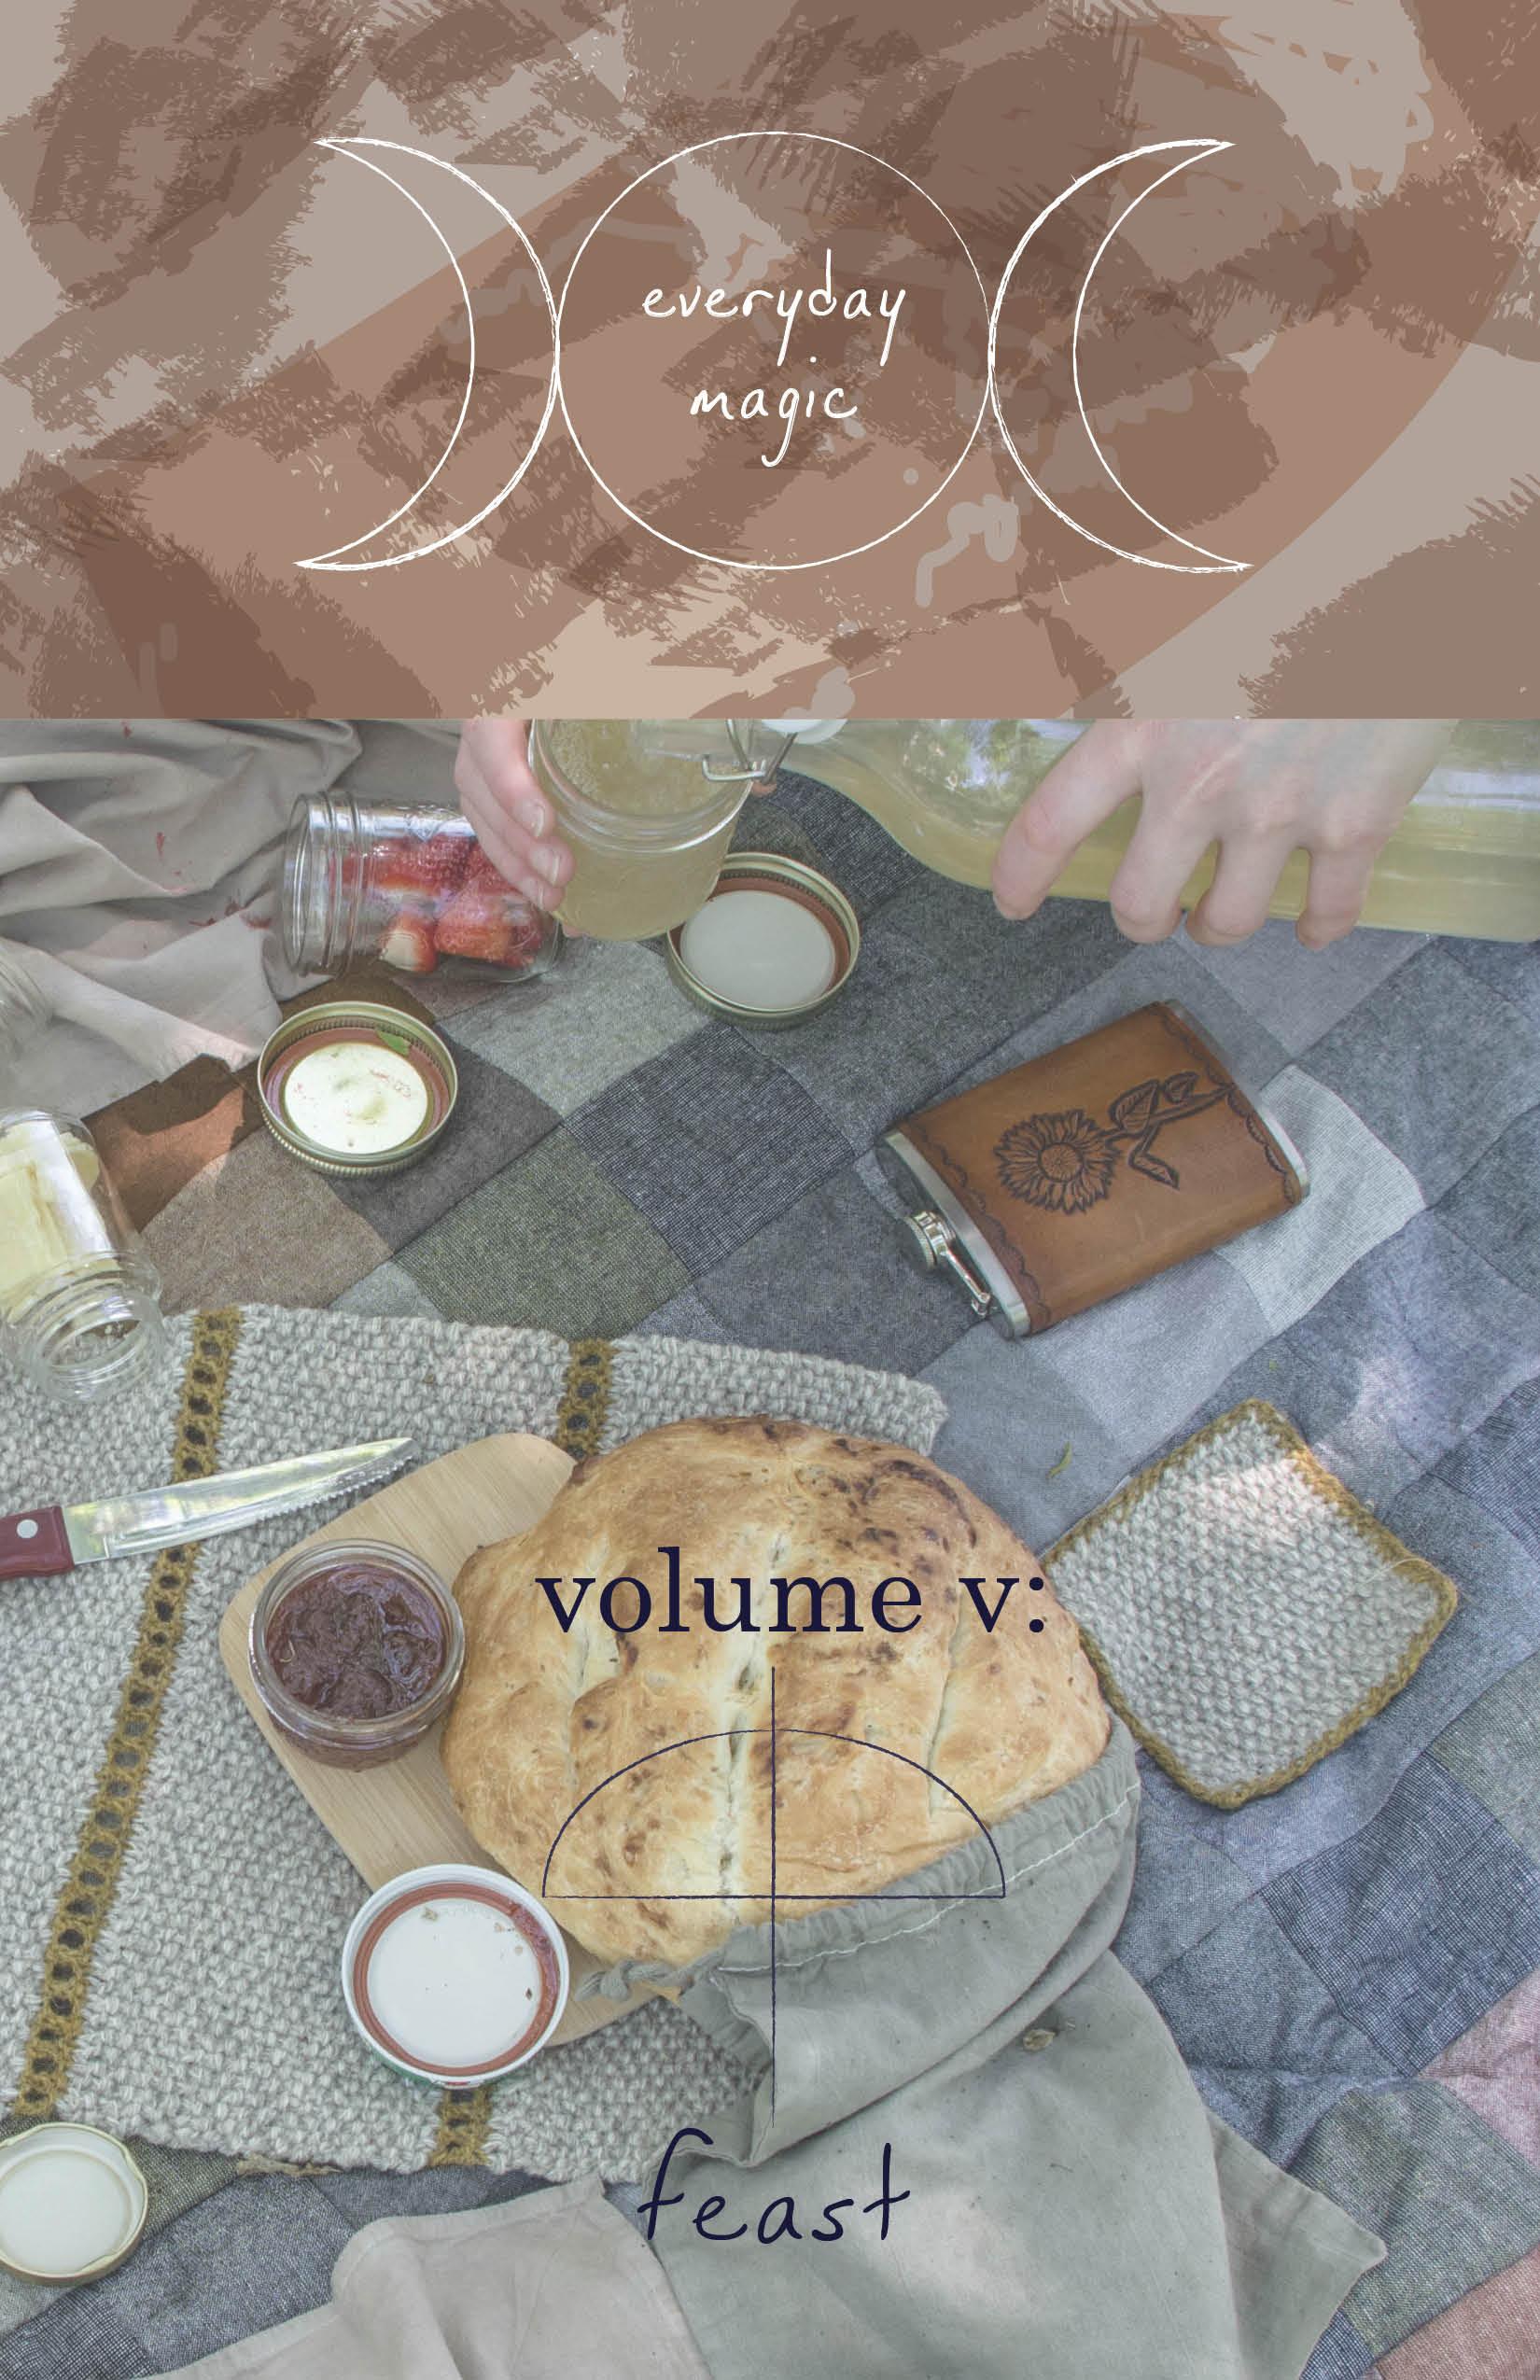 volume v cover.jpg